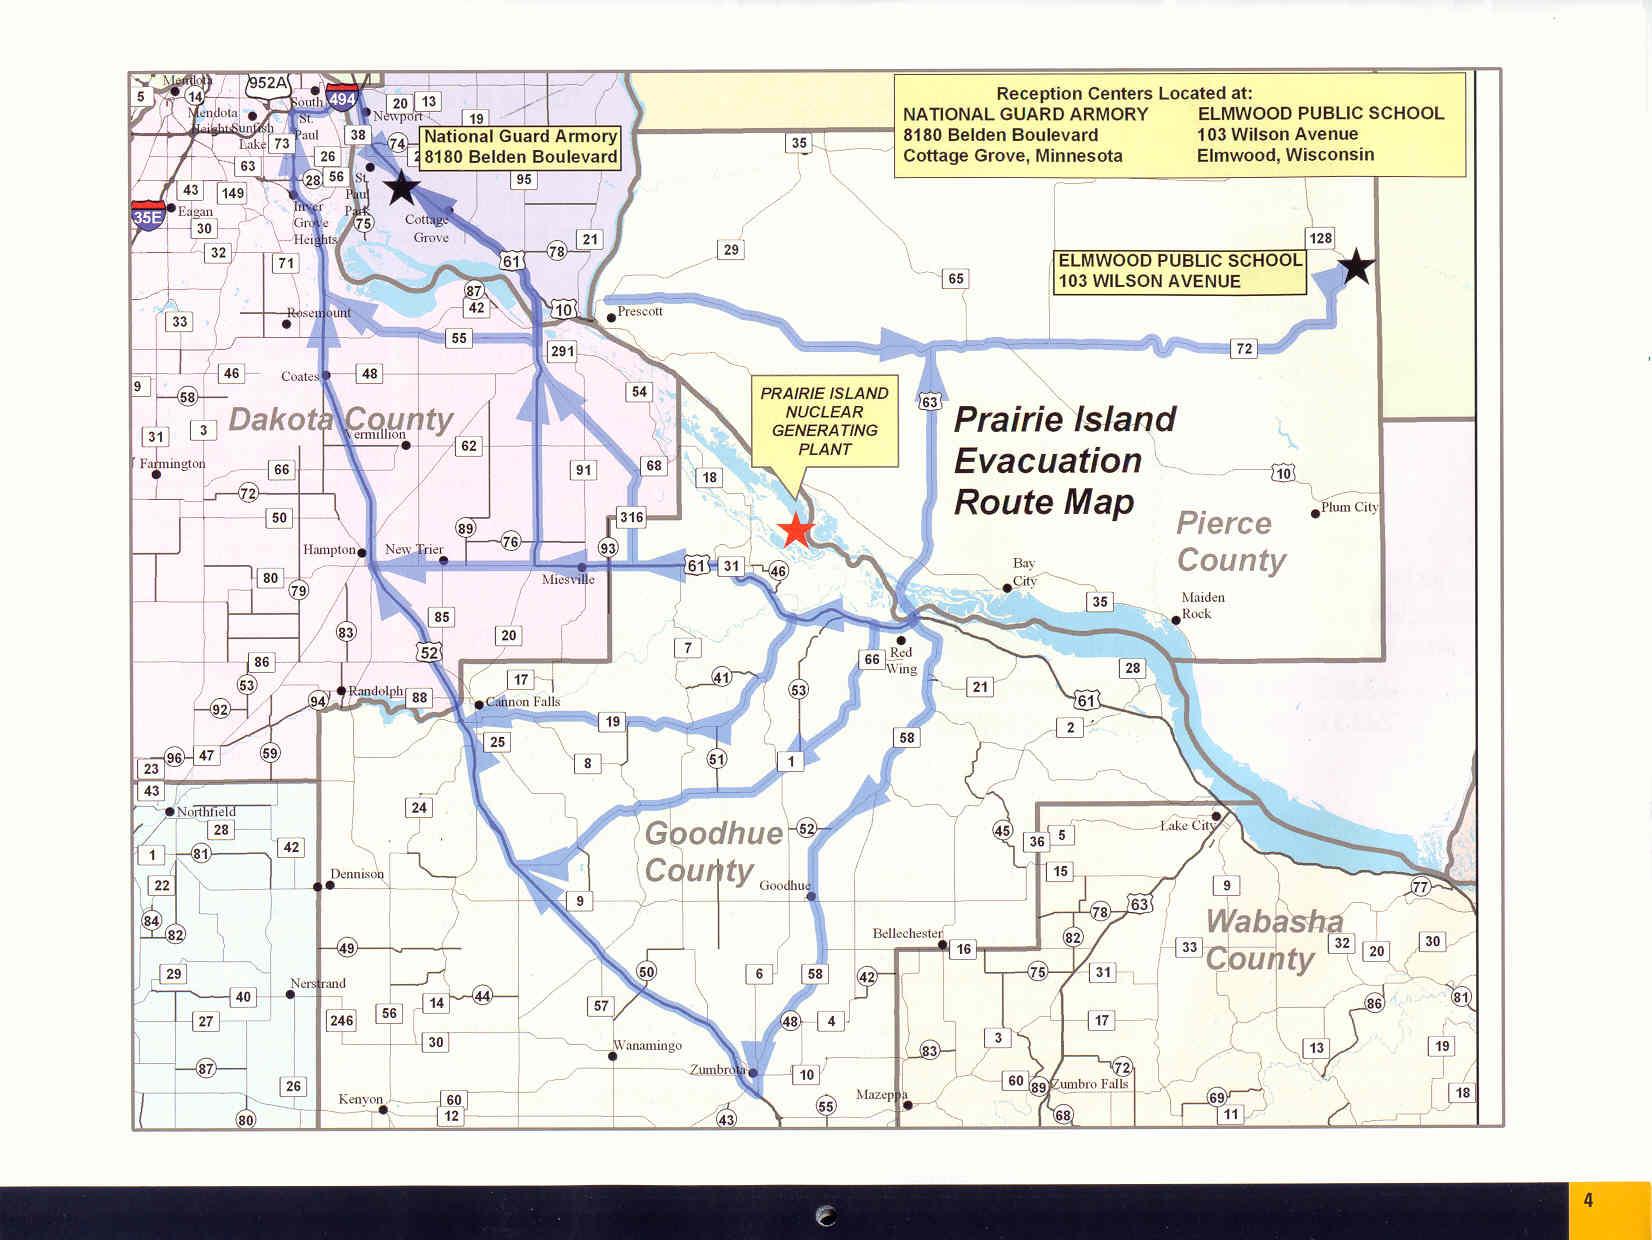 2007-pi-calendar-evacuation-routes.jpg